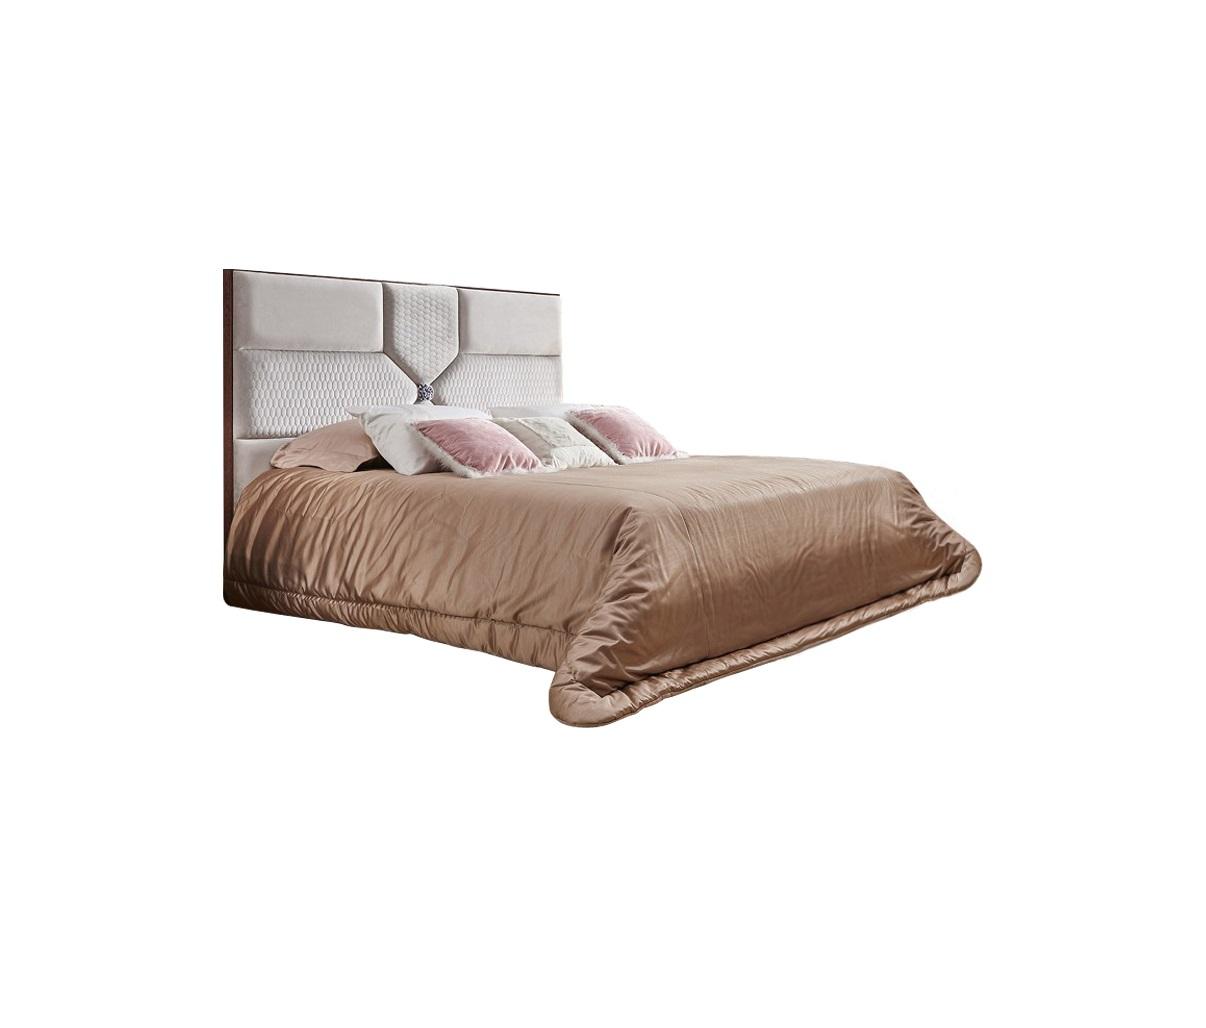 Кровать FORLIКровати с мягким изголовьем<br>Кровать выполнена в современном стиле. Сделана из высококачественного МДФ высокой плотности и массива дерева.<br>Размер спального места 180*200 см.<br>Без &amp;quot;декора&amp;quot; розочка по центру.<br><br>Material: Дерево<br>Length см: 220<br>Width см: 198,5<br>Height см: 139,5